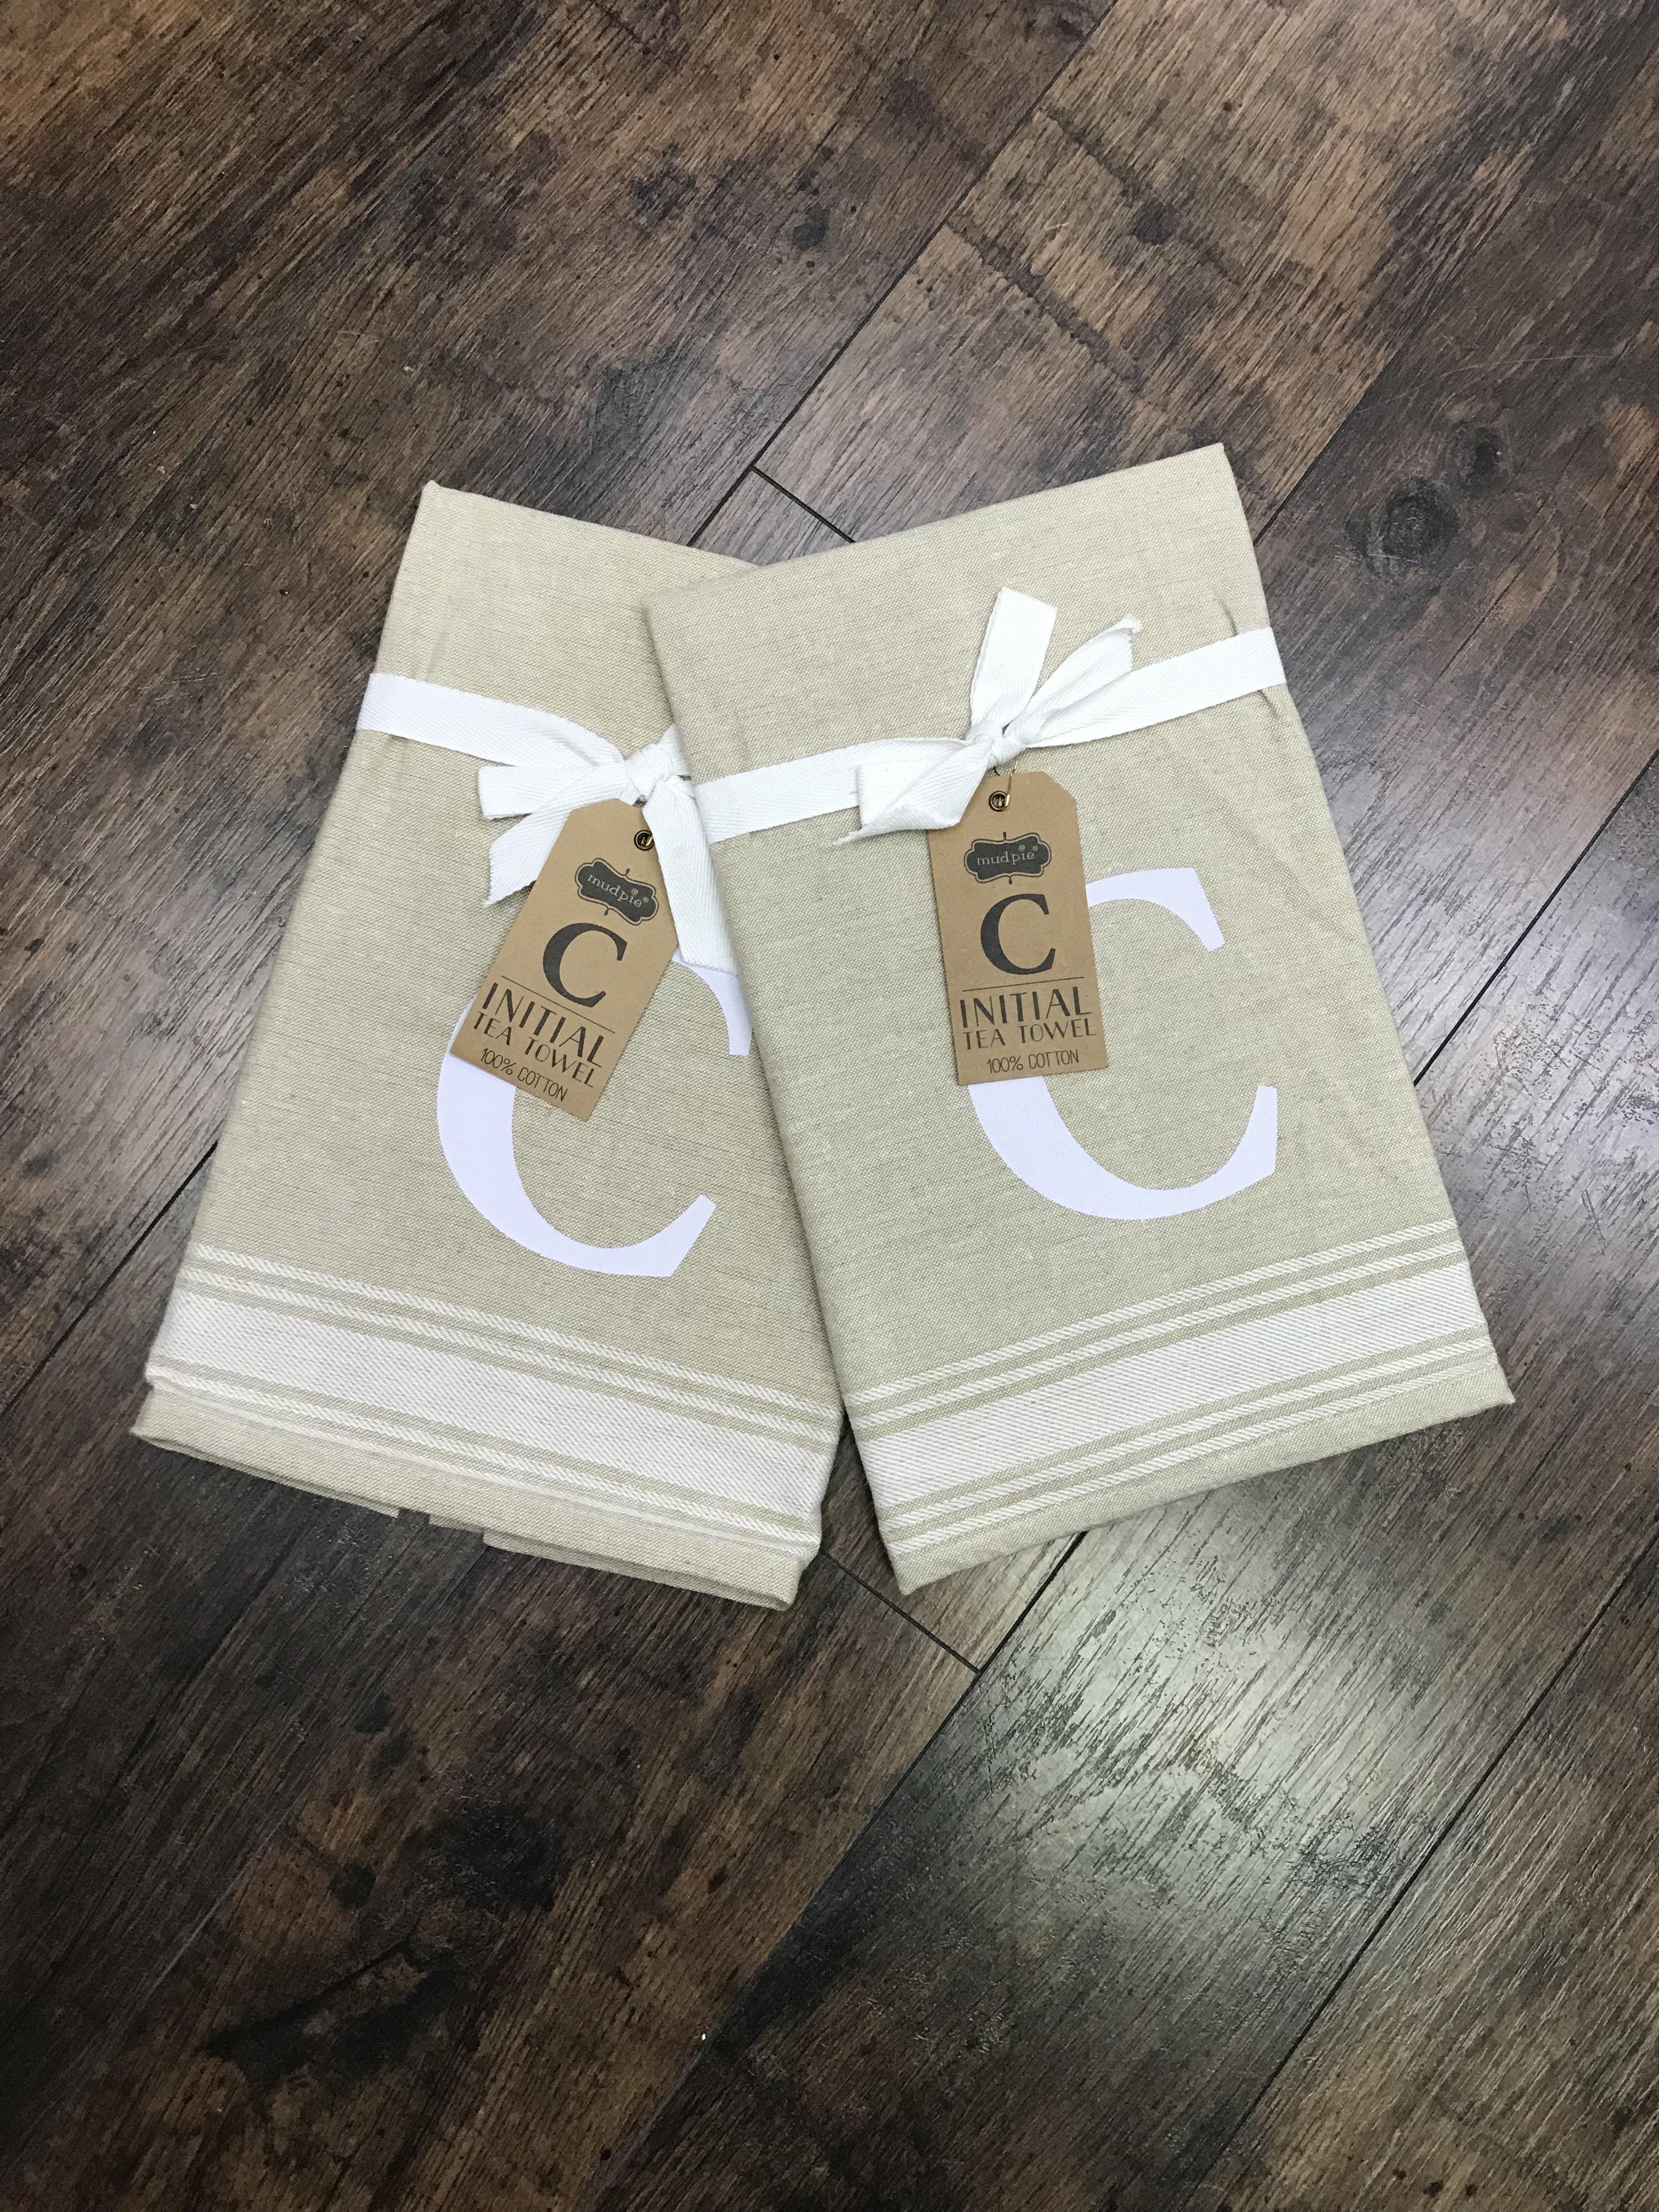 C Initial Tea Towel 718540380390